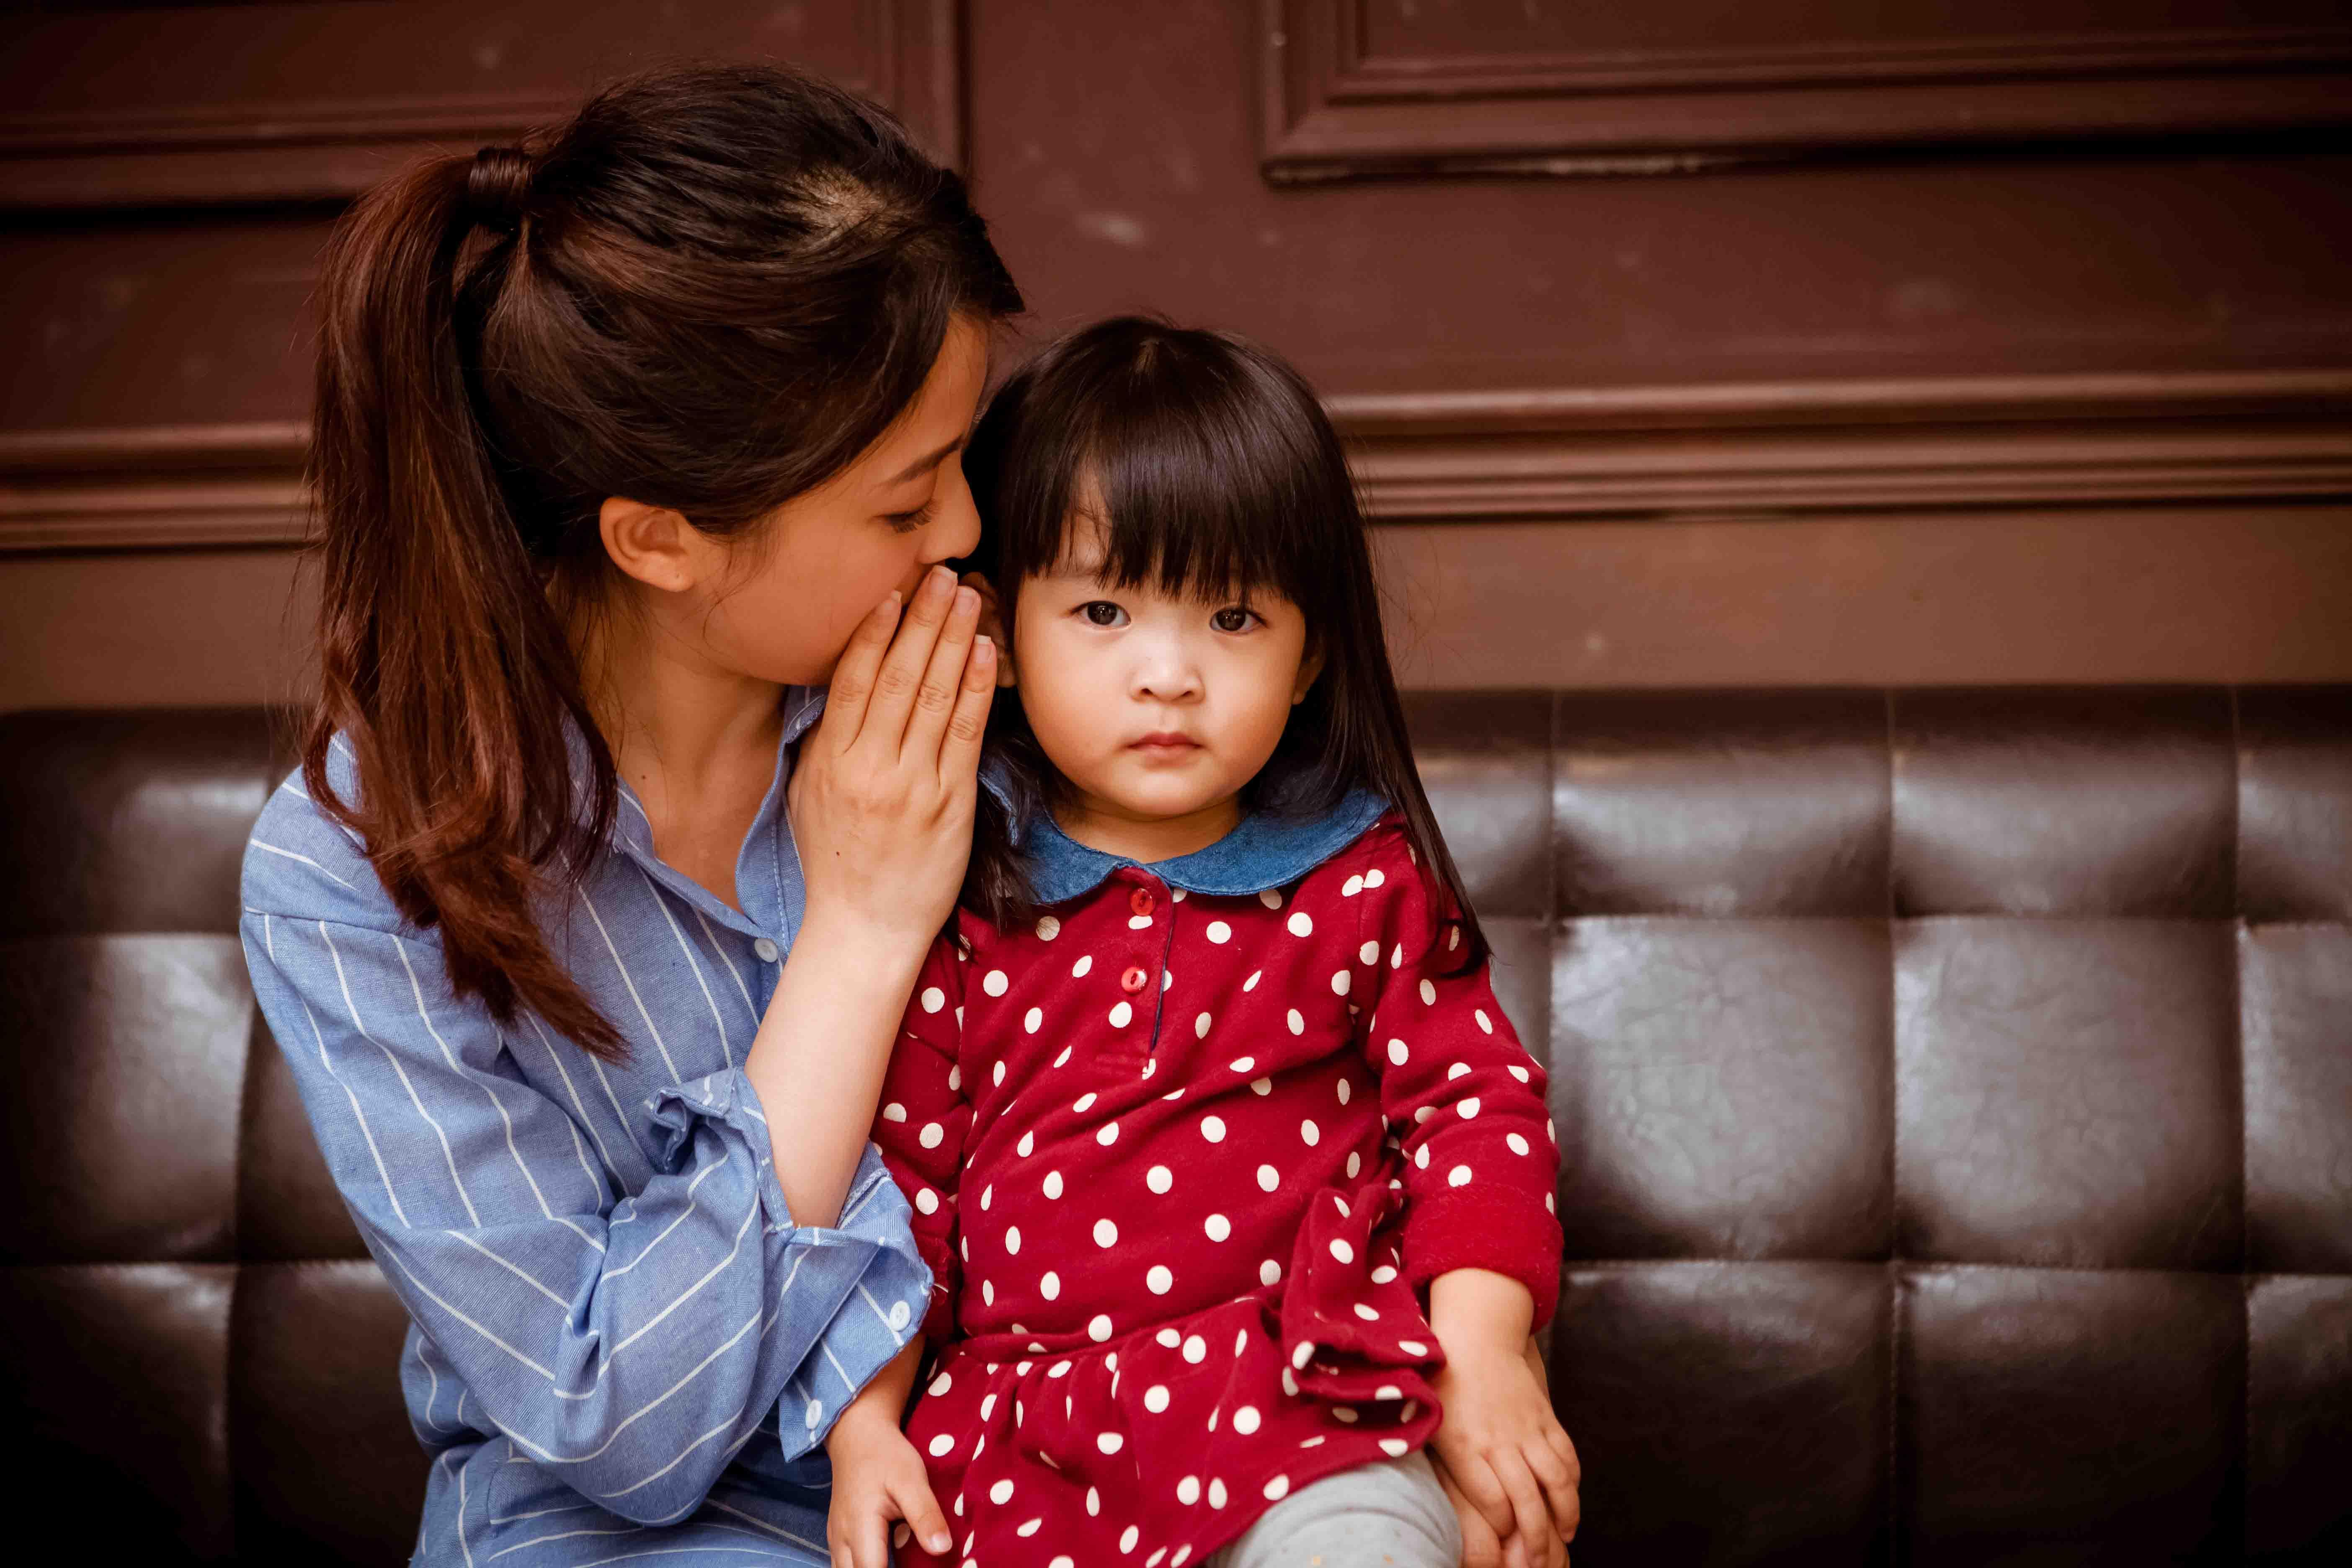 孩子需要的是「惜惜」:抱著她,趕快讓她倚賴一下,用陪伴、聆聽取代立刻解決